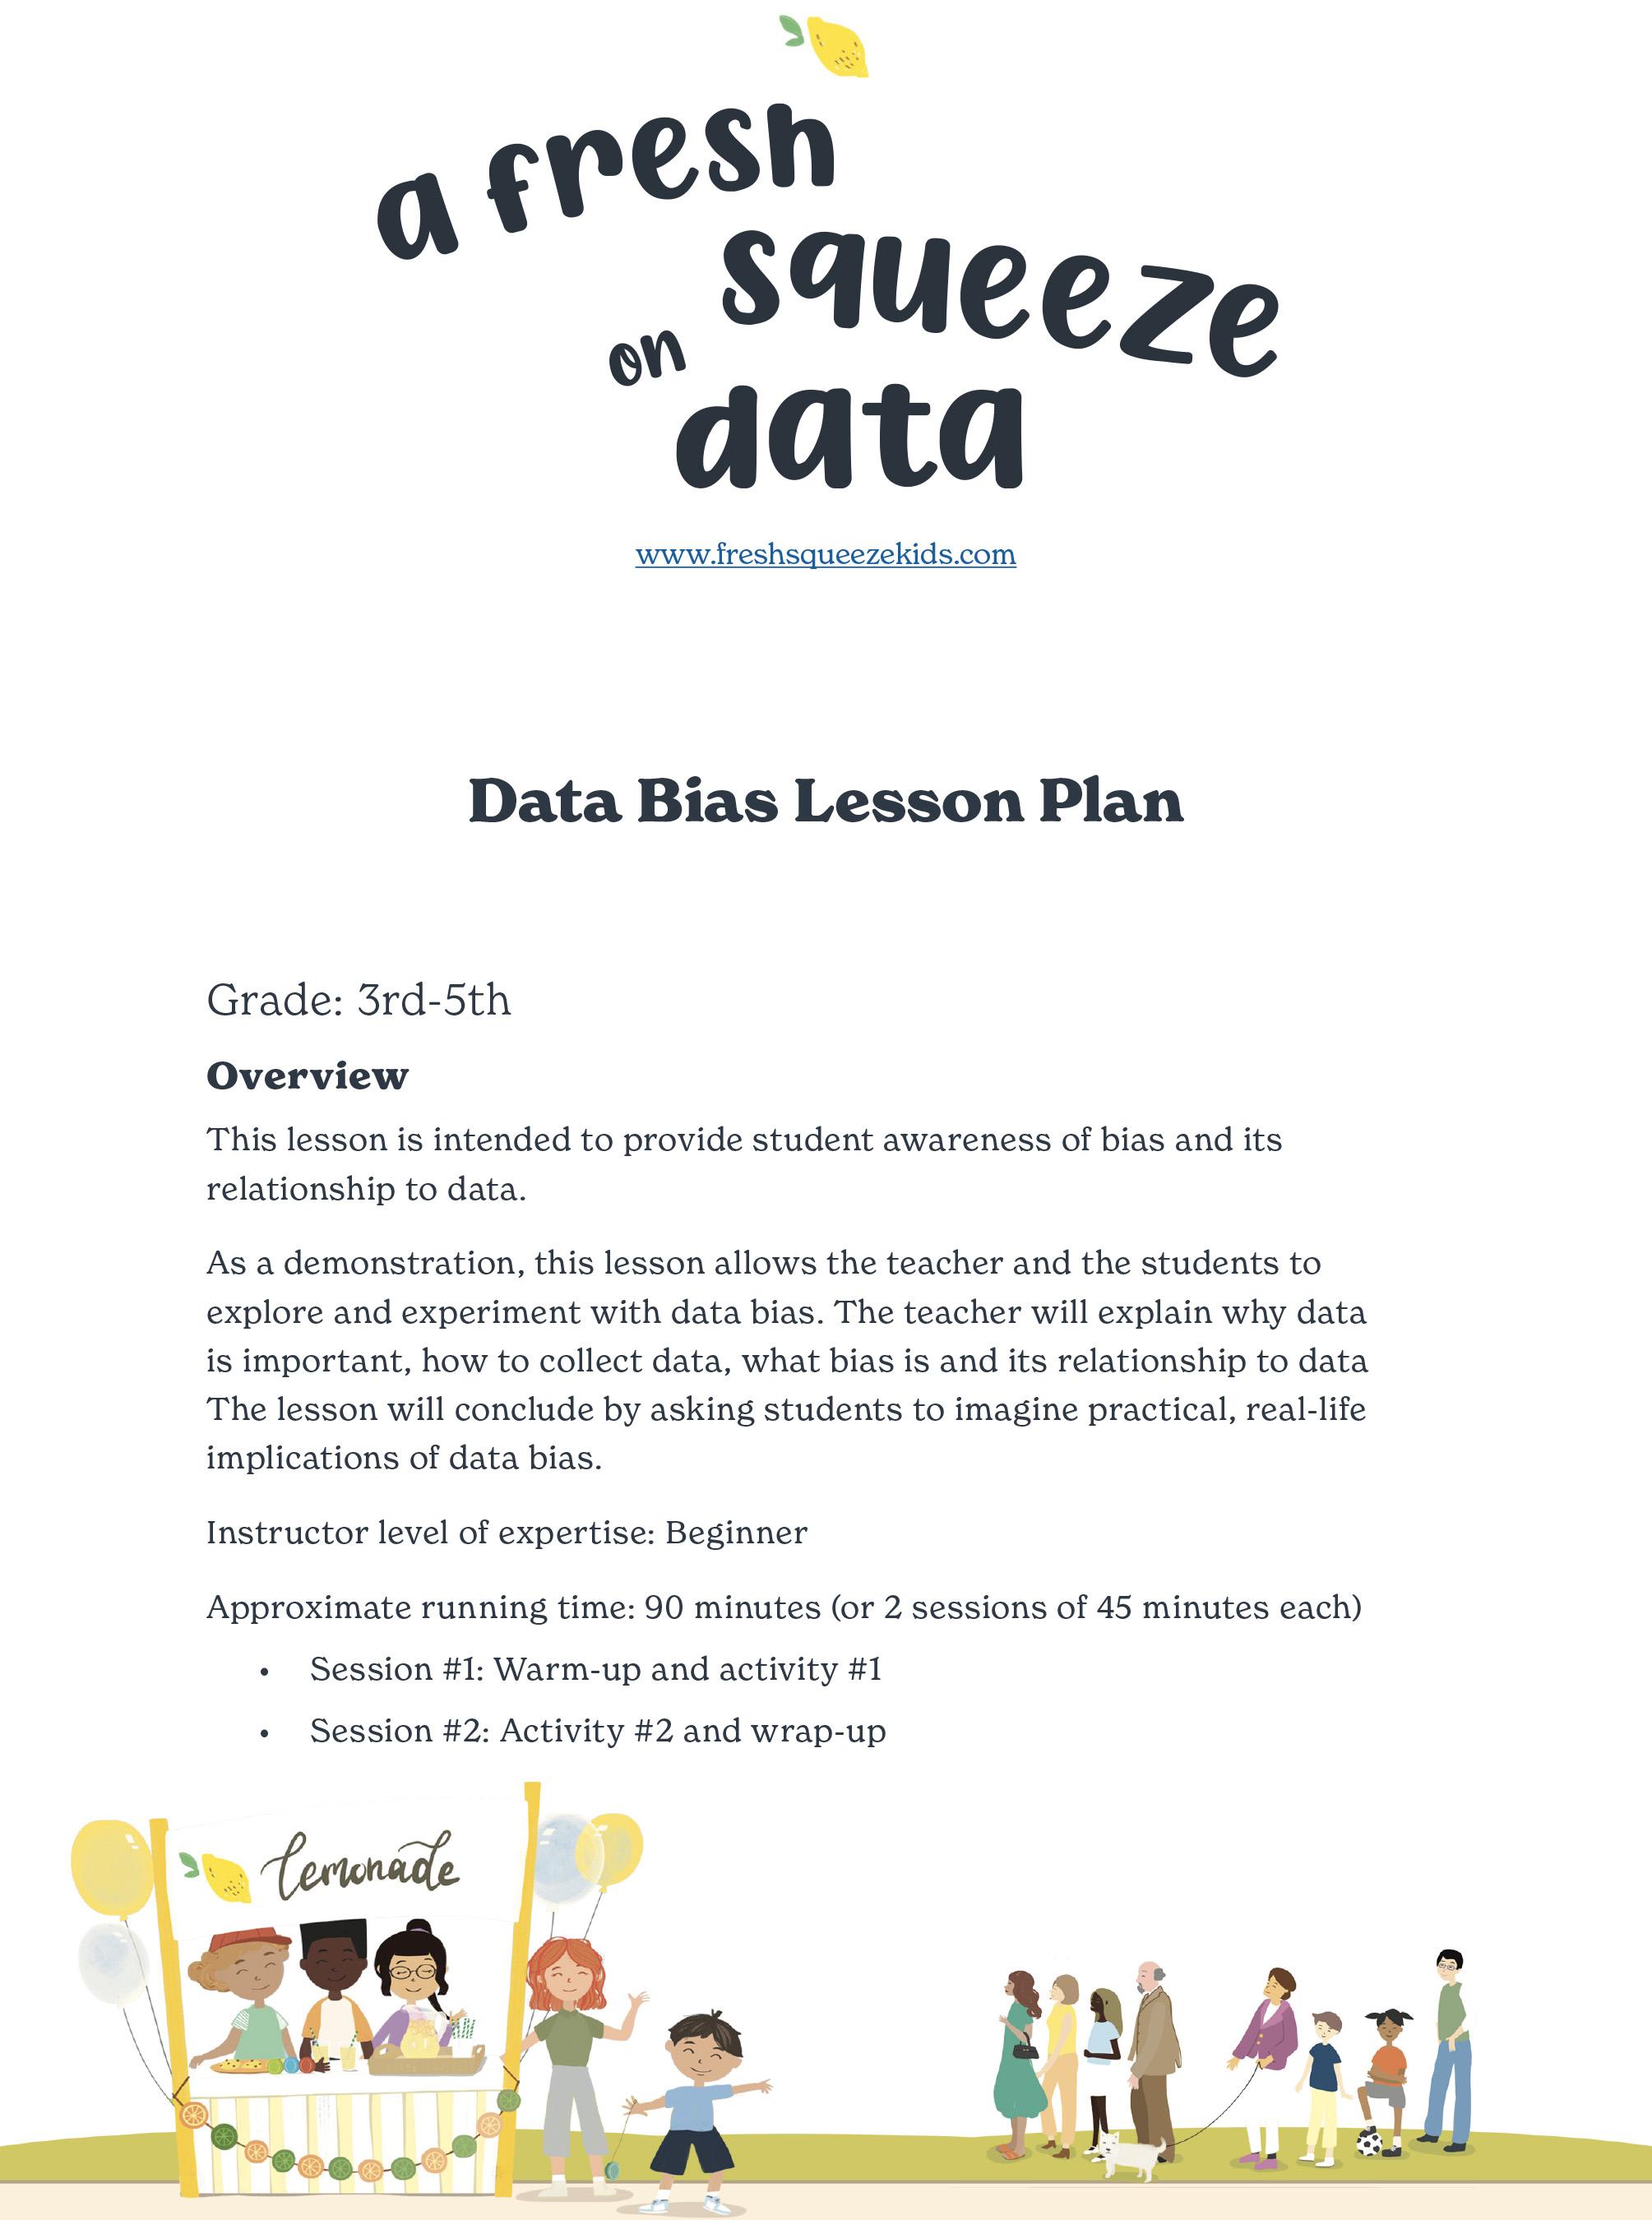 Data Bias Lesson Plan